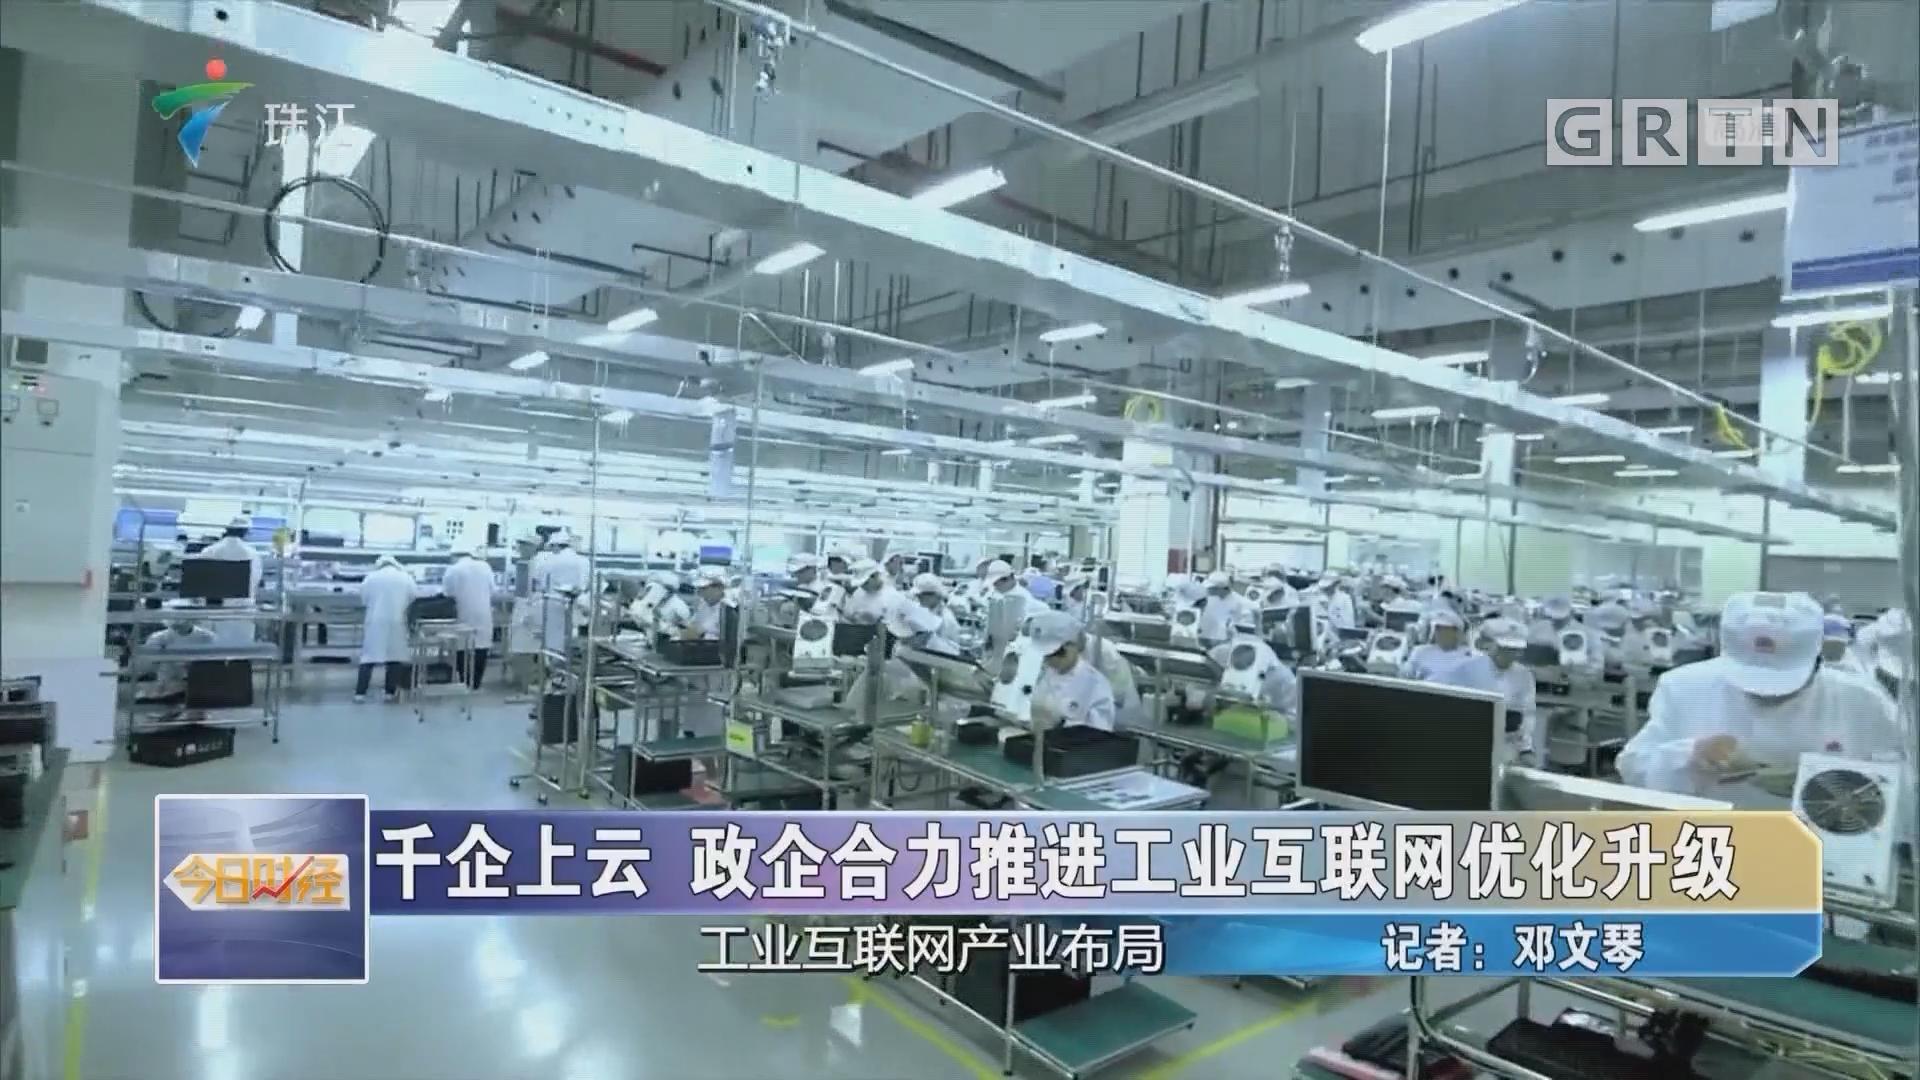 千企上云 政企合力推进工业互联网优化升级